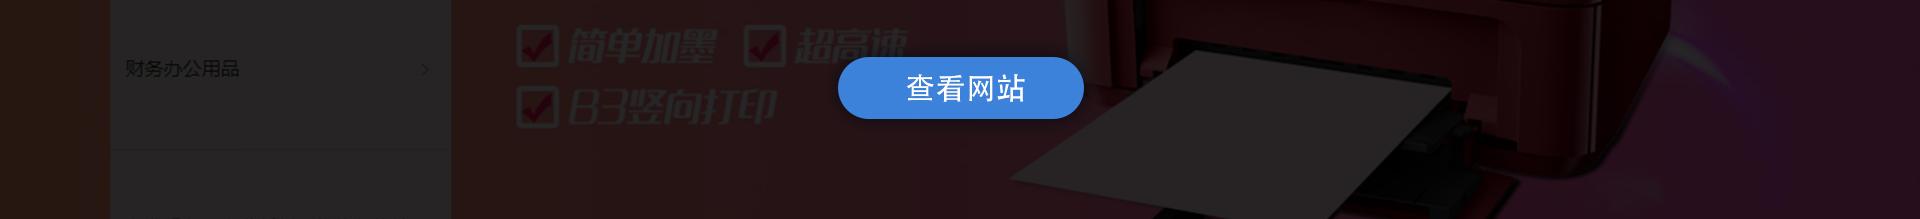 宁波飞色-谢小爱-云企案例3_02